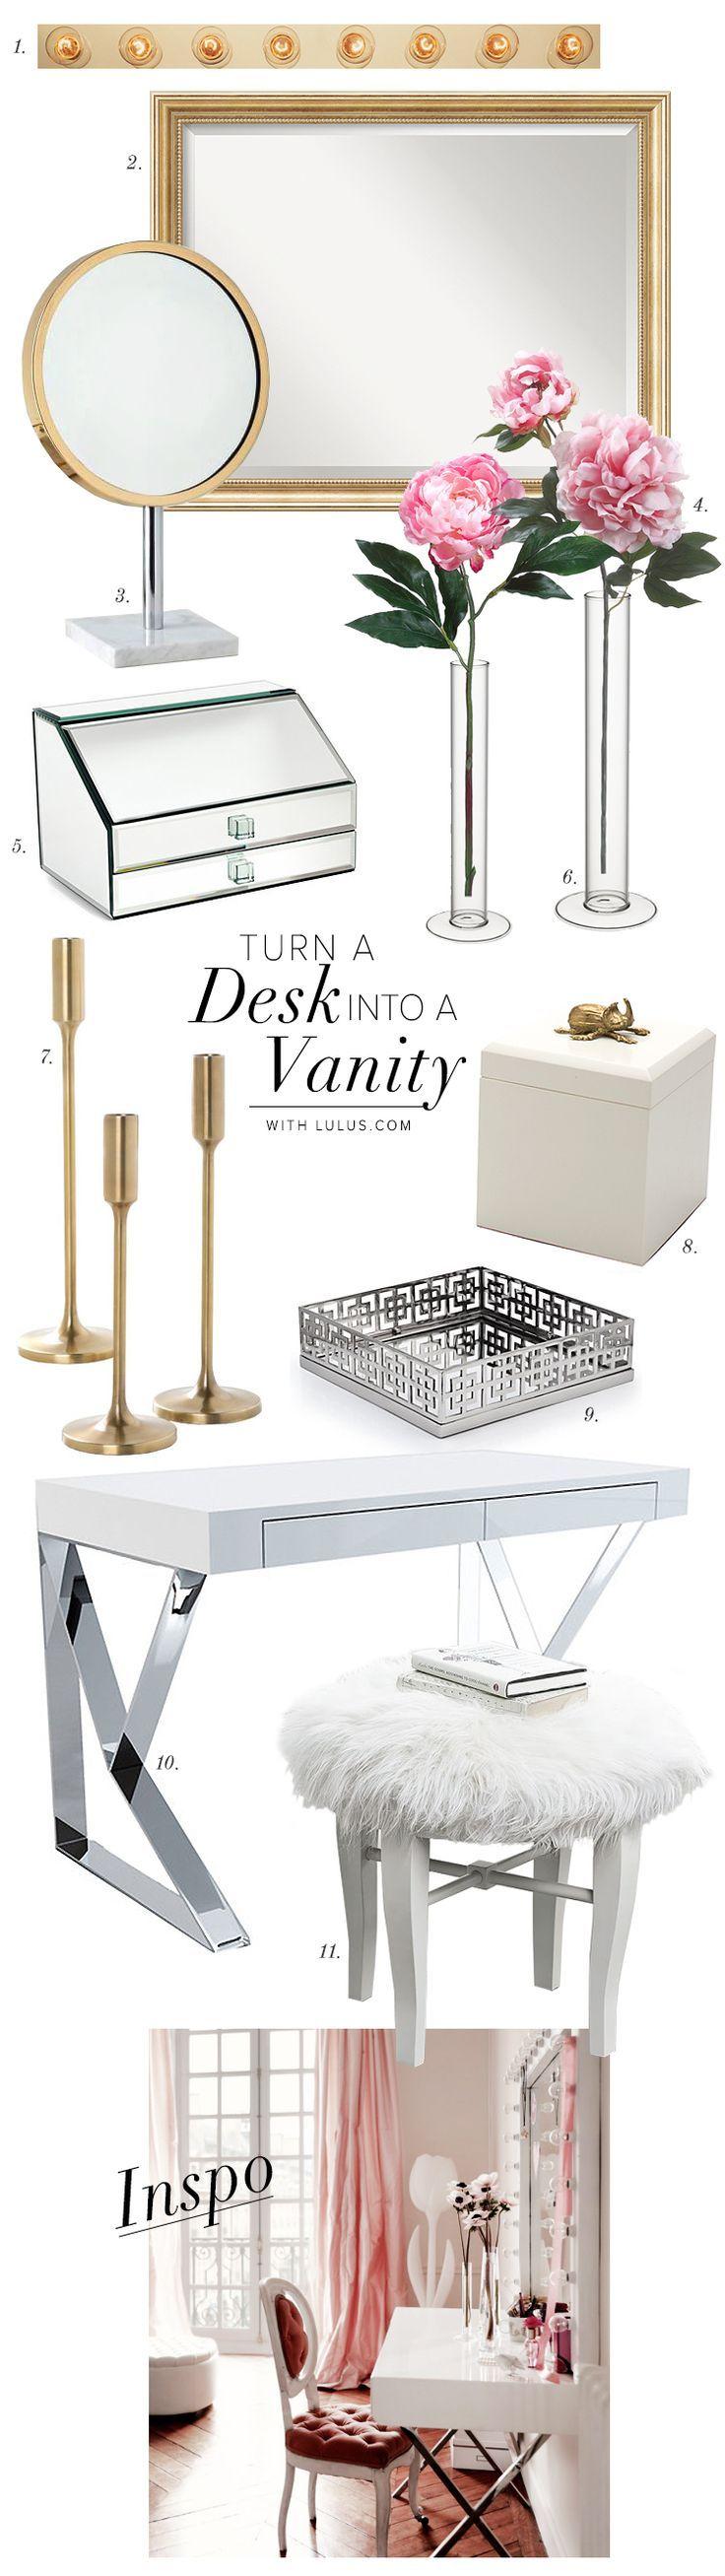 5776d7530032be258694fa9ecc883793--vanity-desk-vanity-room Elegantes 3 Zimmer Wohnung Lörrach Dekorationen